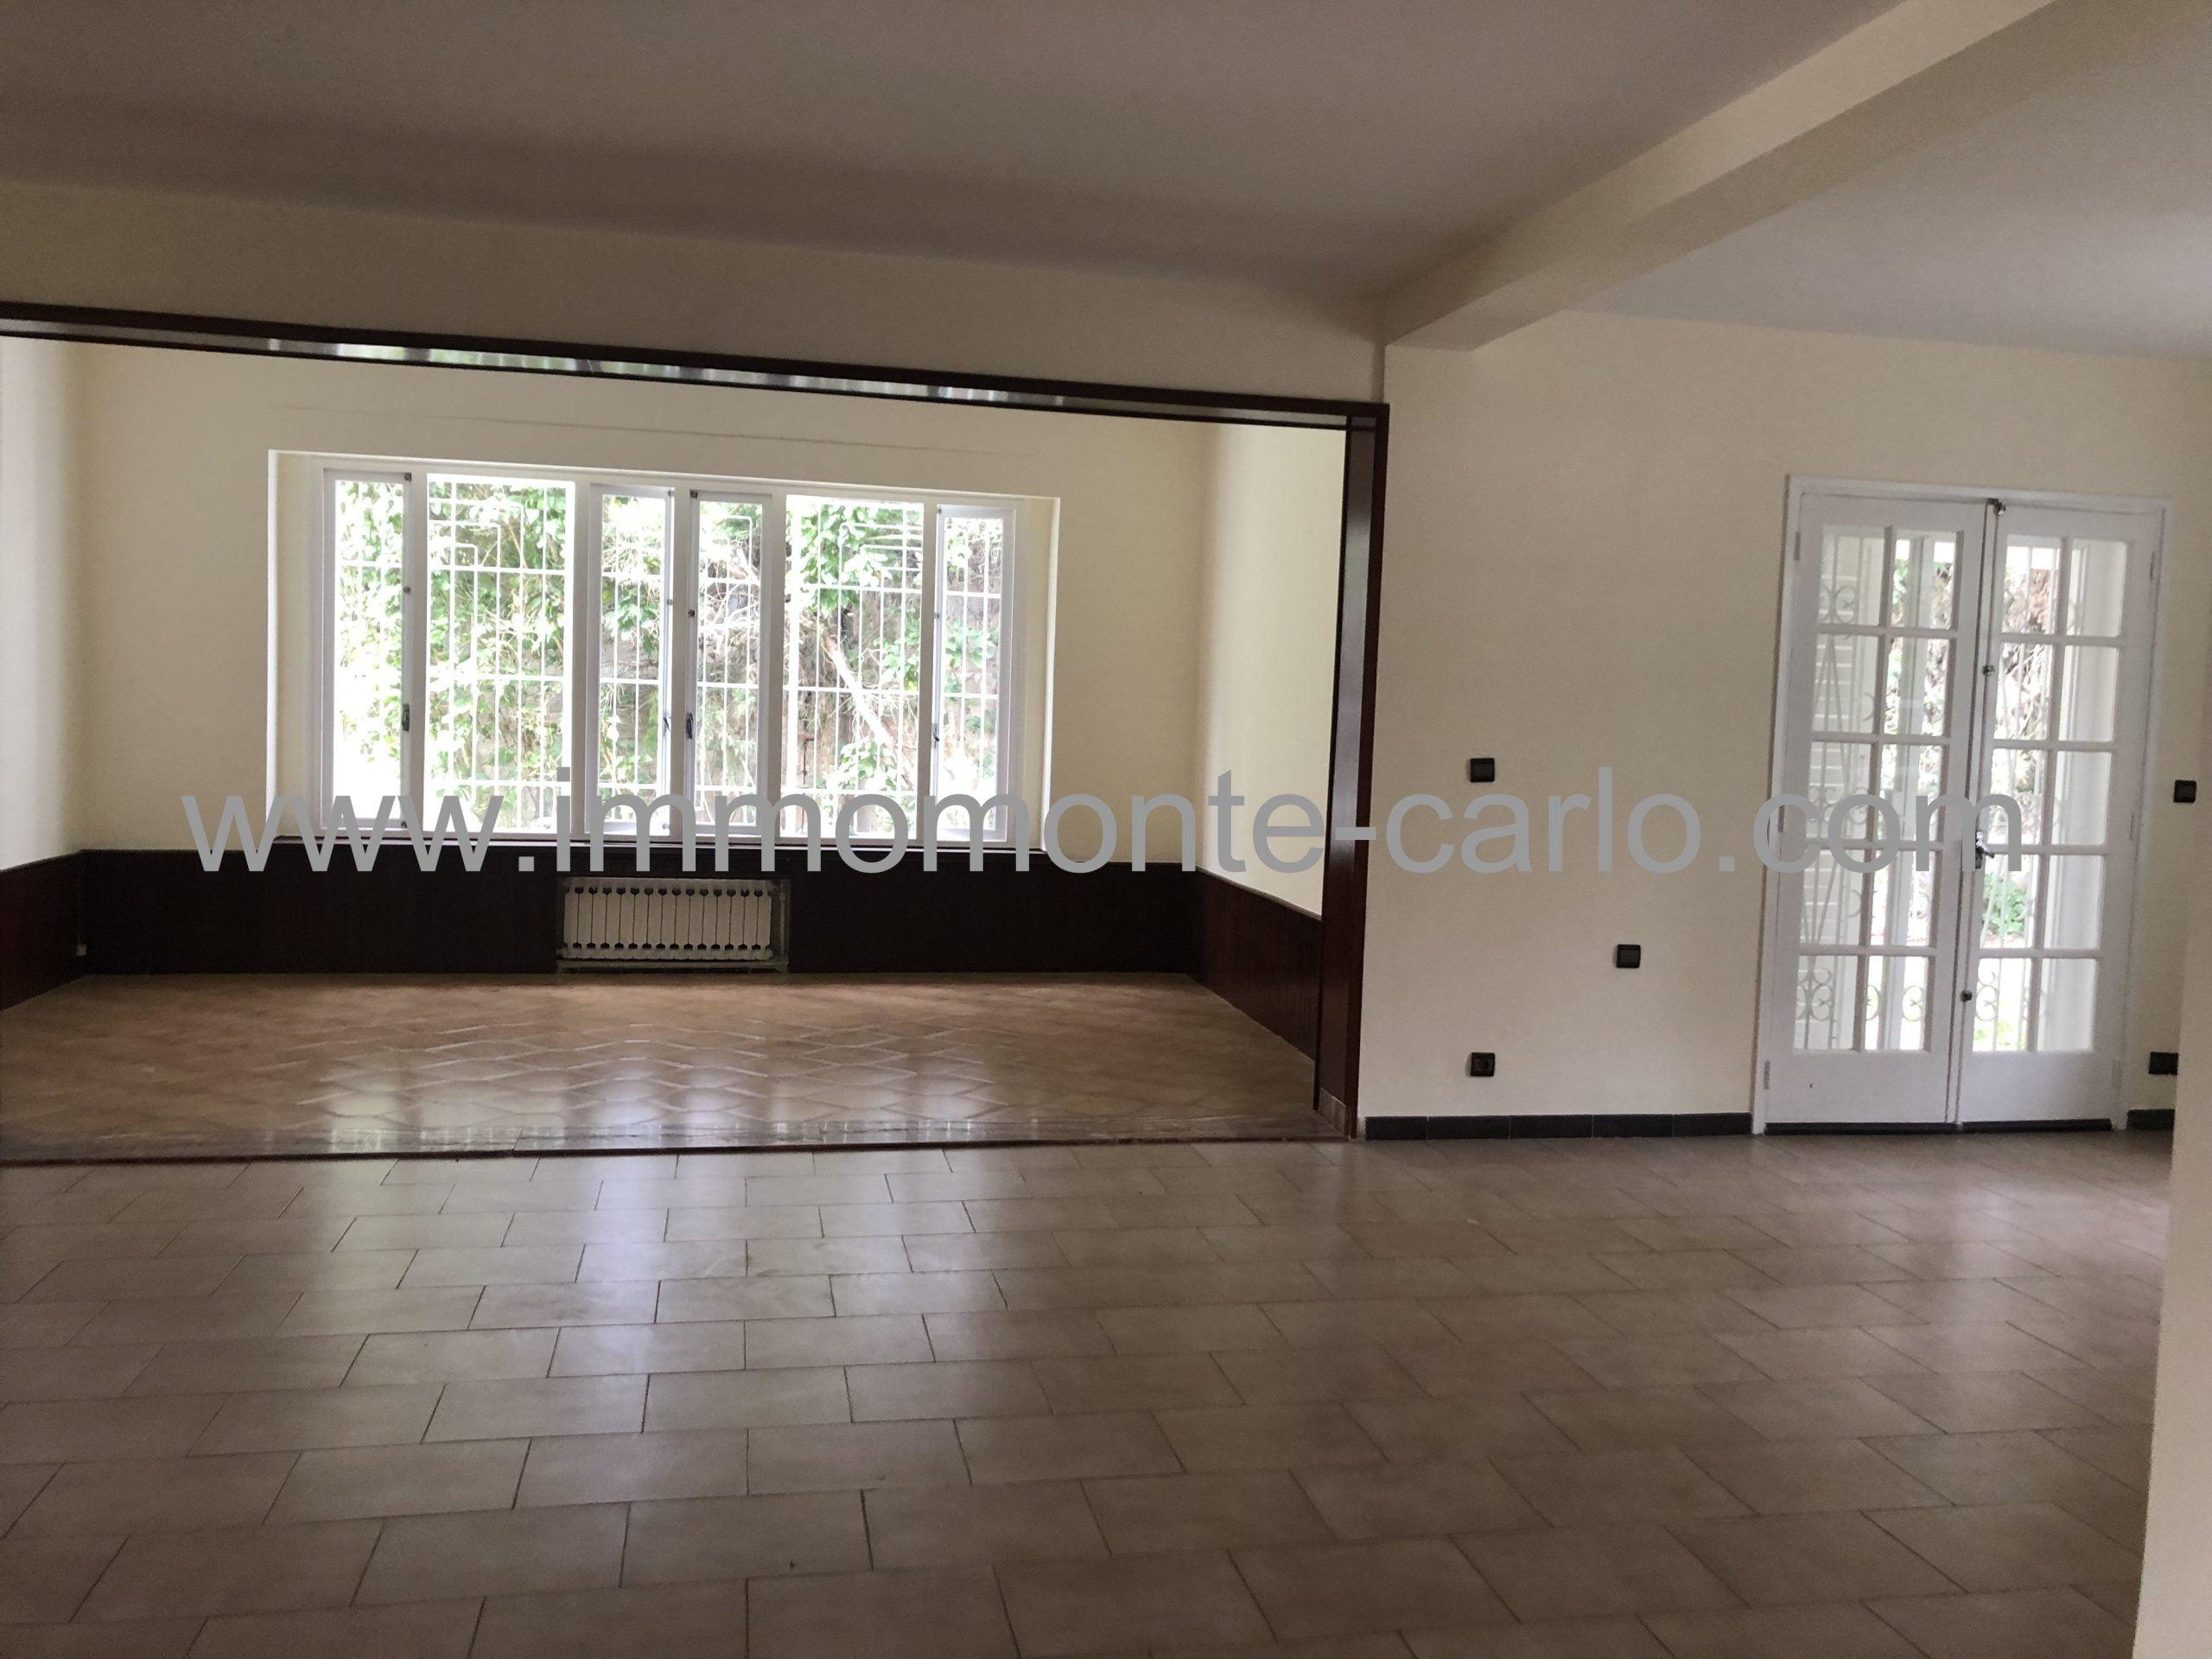 Villa à louer avec piscine  et chauffage central à Souissi RABAT